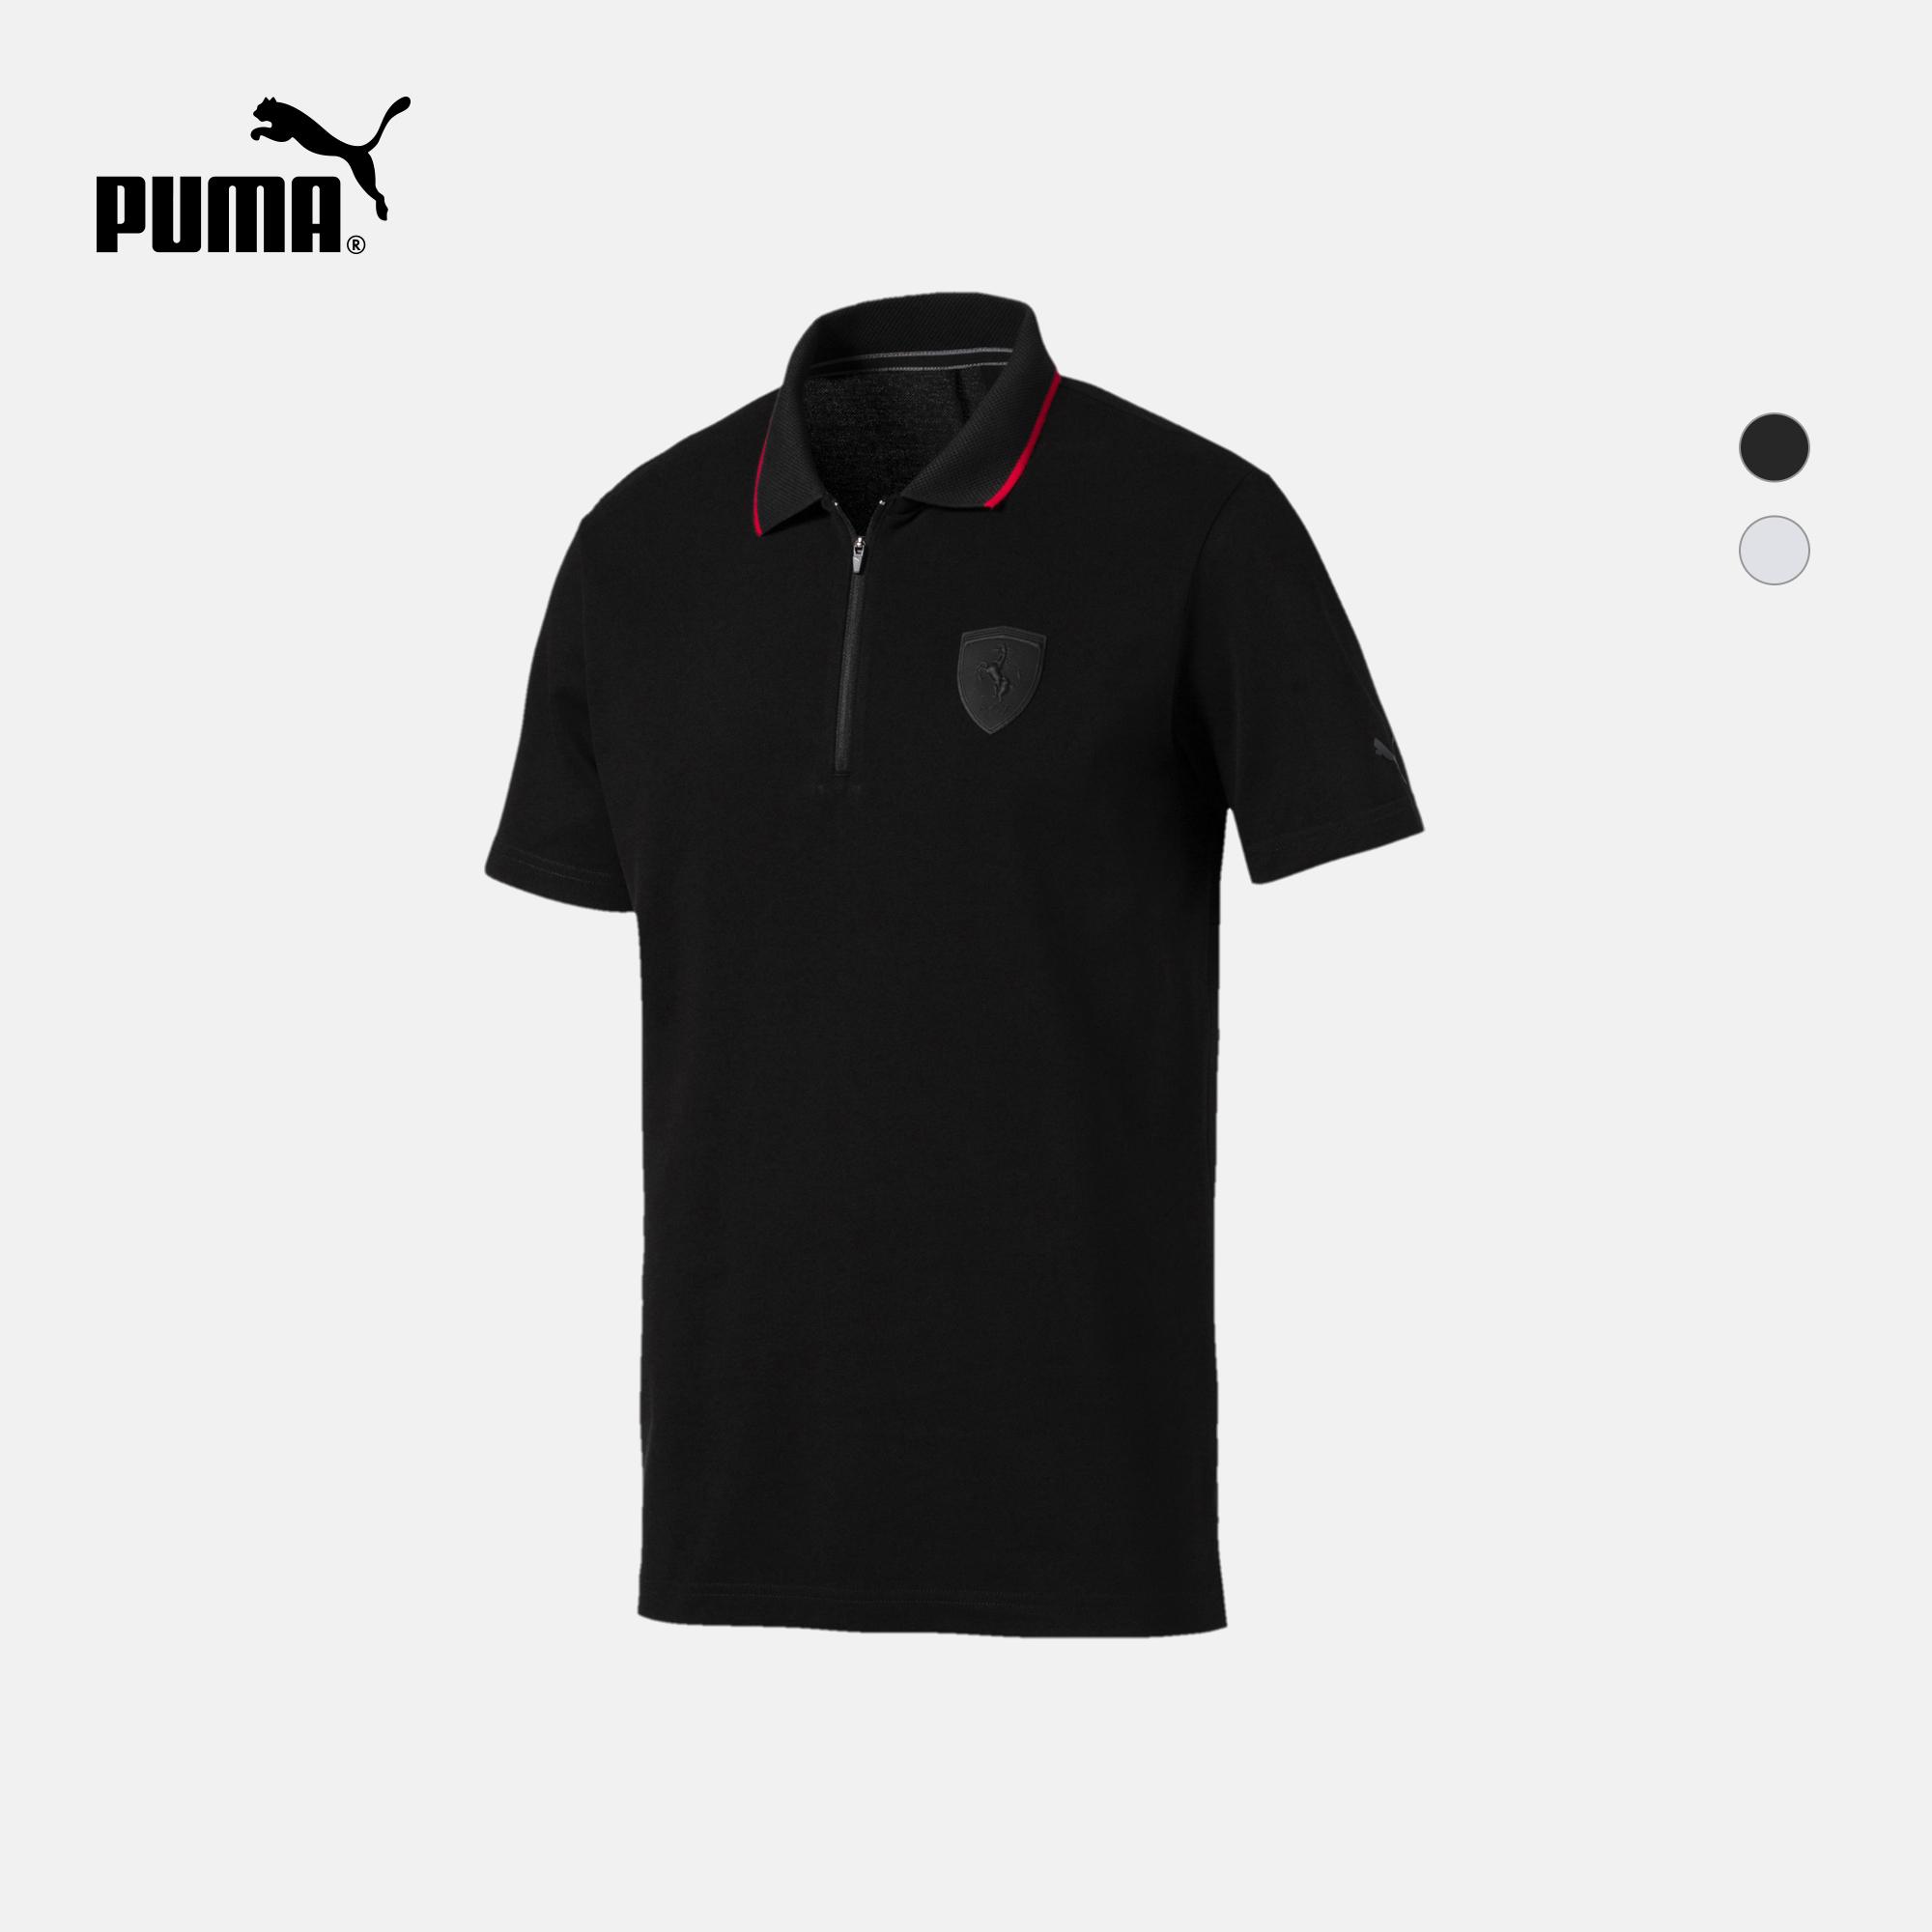 PUMA 法拉利赛车系列春夏男子短袖 Polo 衫 新品热卖只要389